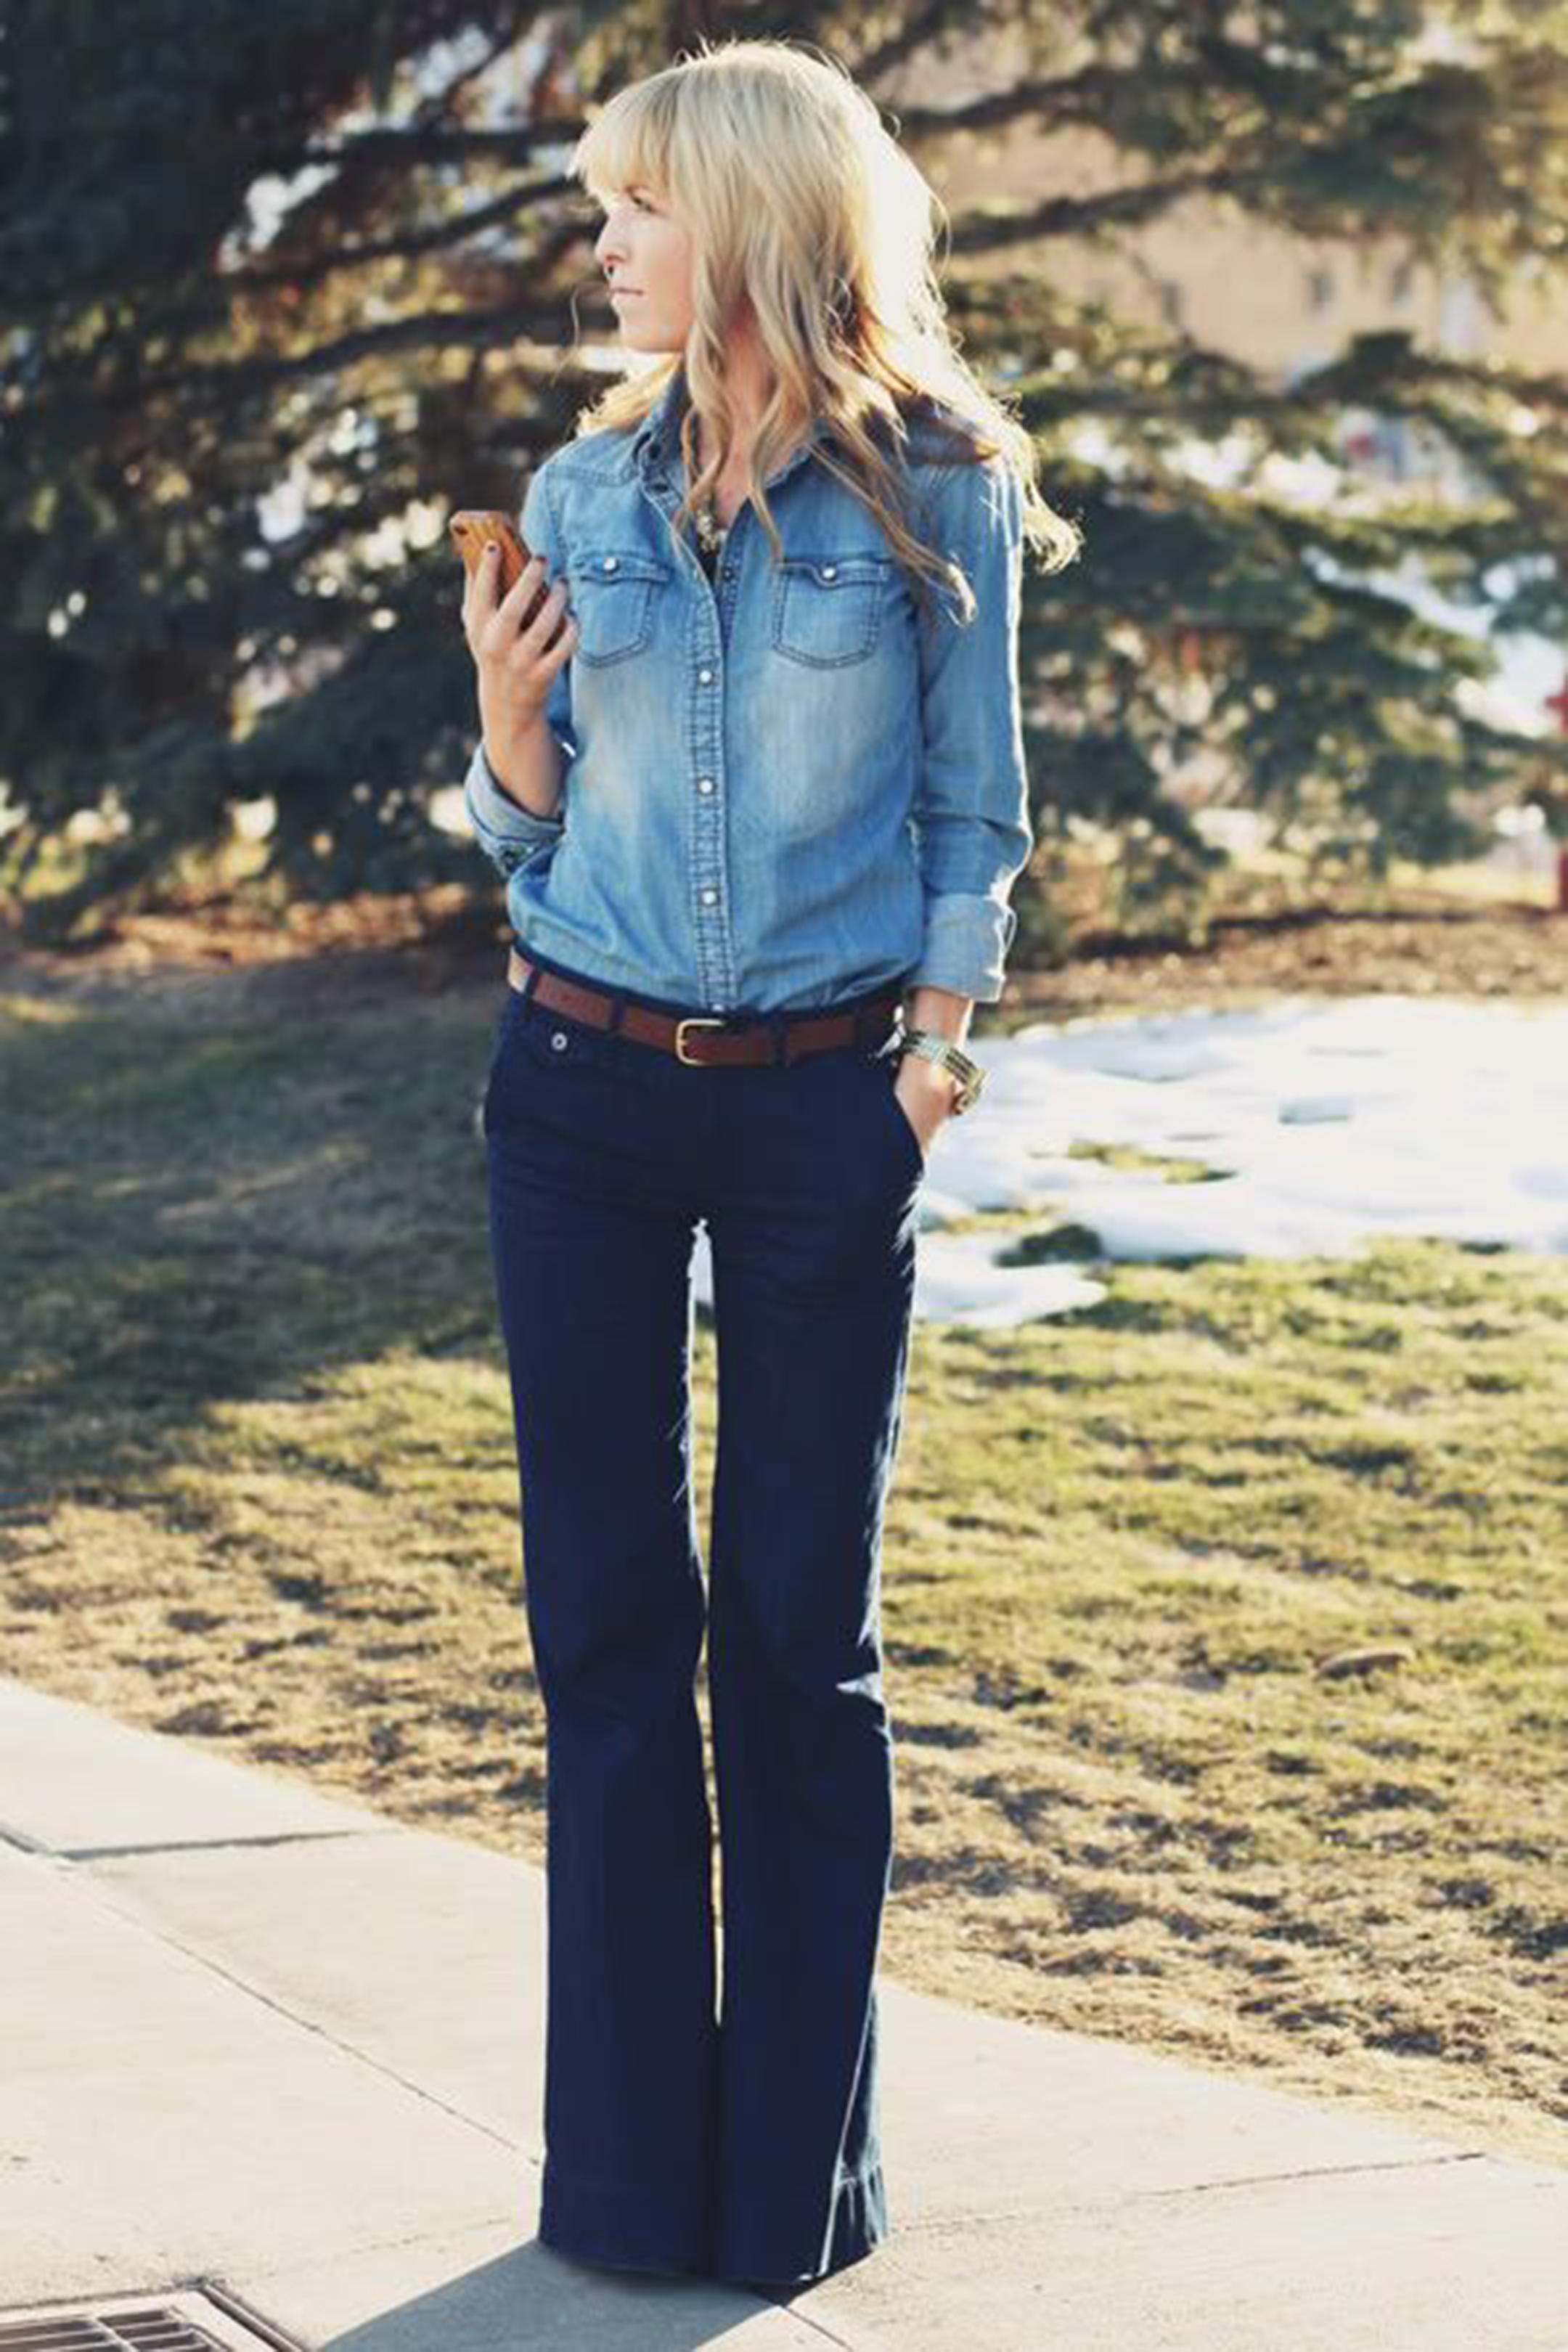 pantaloni-zampa-styleshouts-jeans-abbinare-camicia-denim